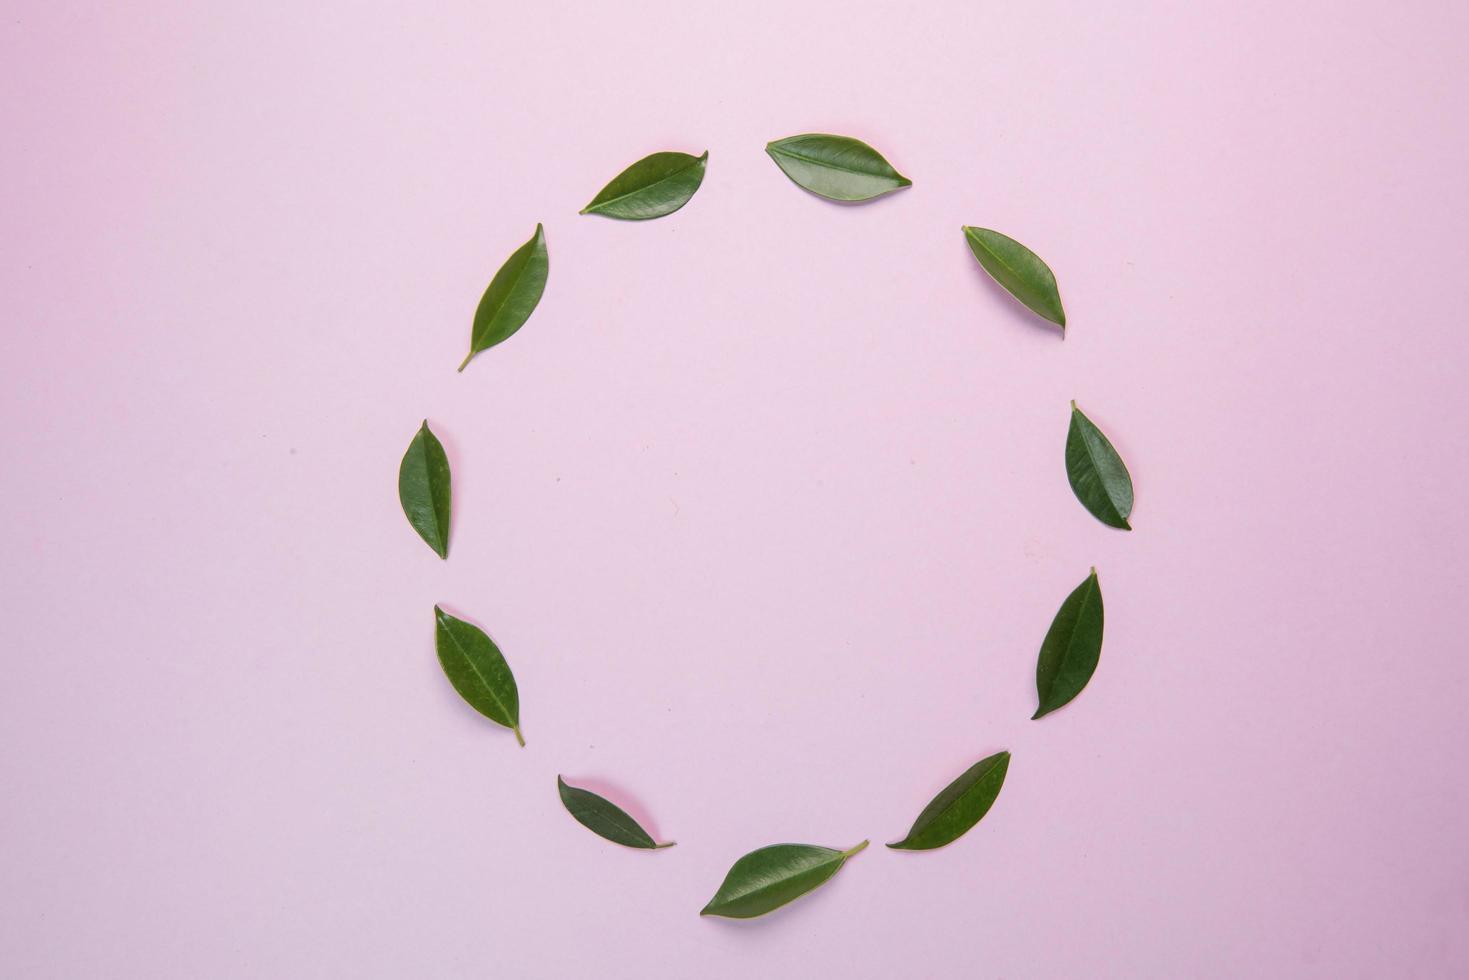 feuilles sur fond rose photo